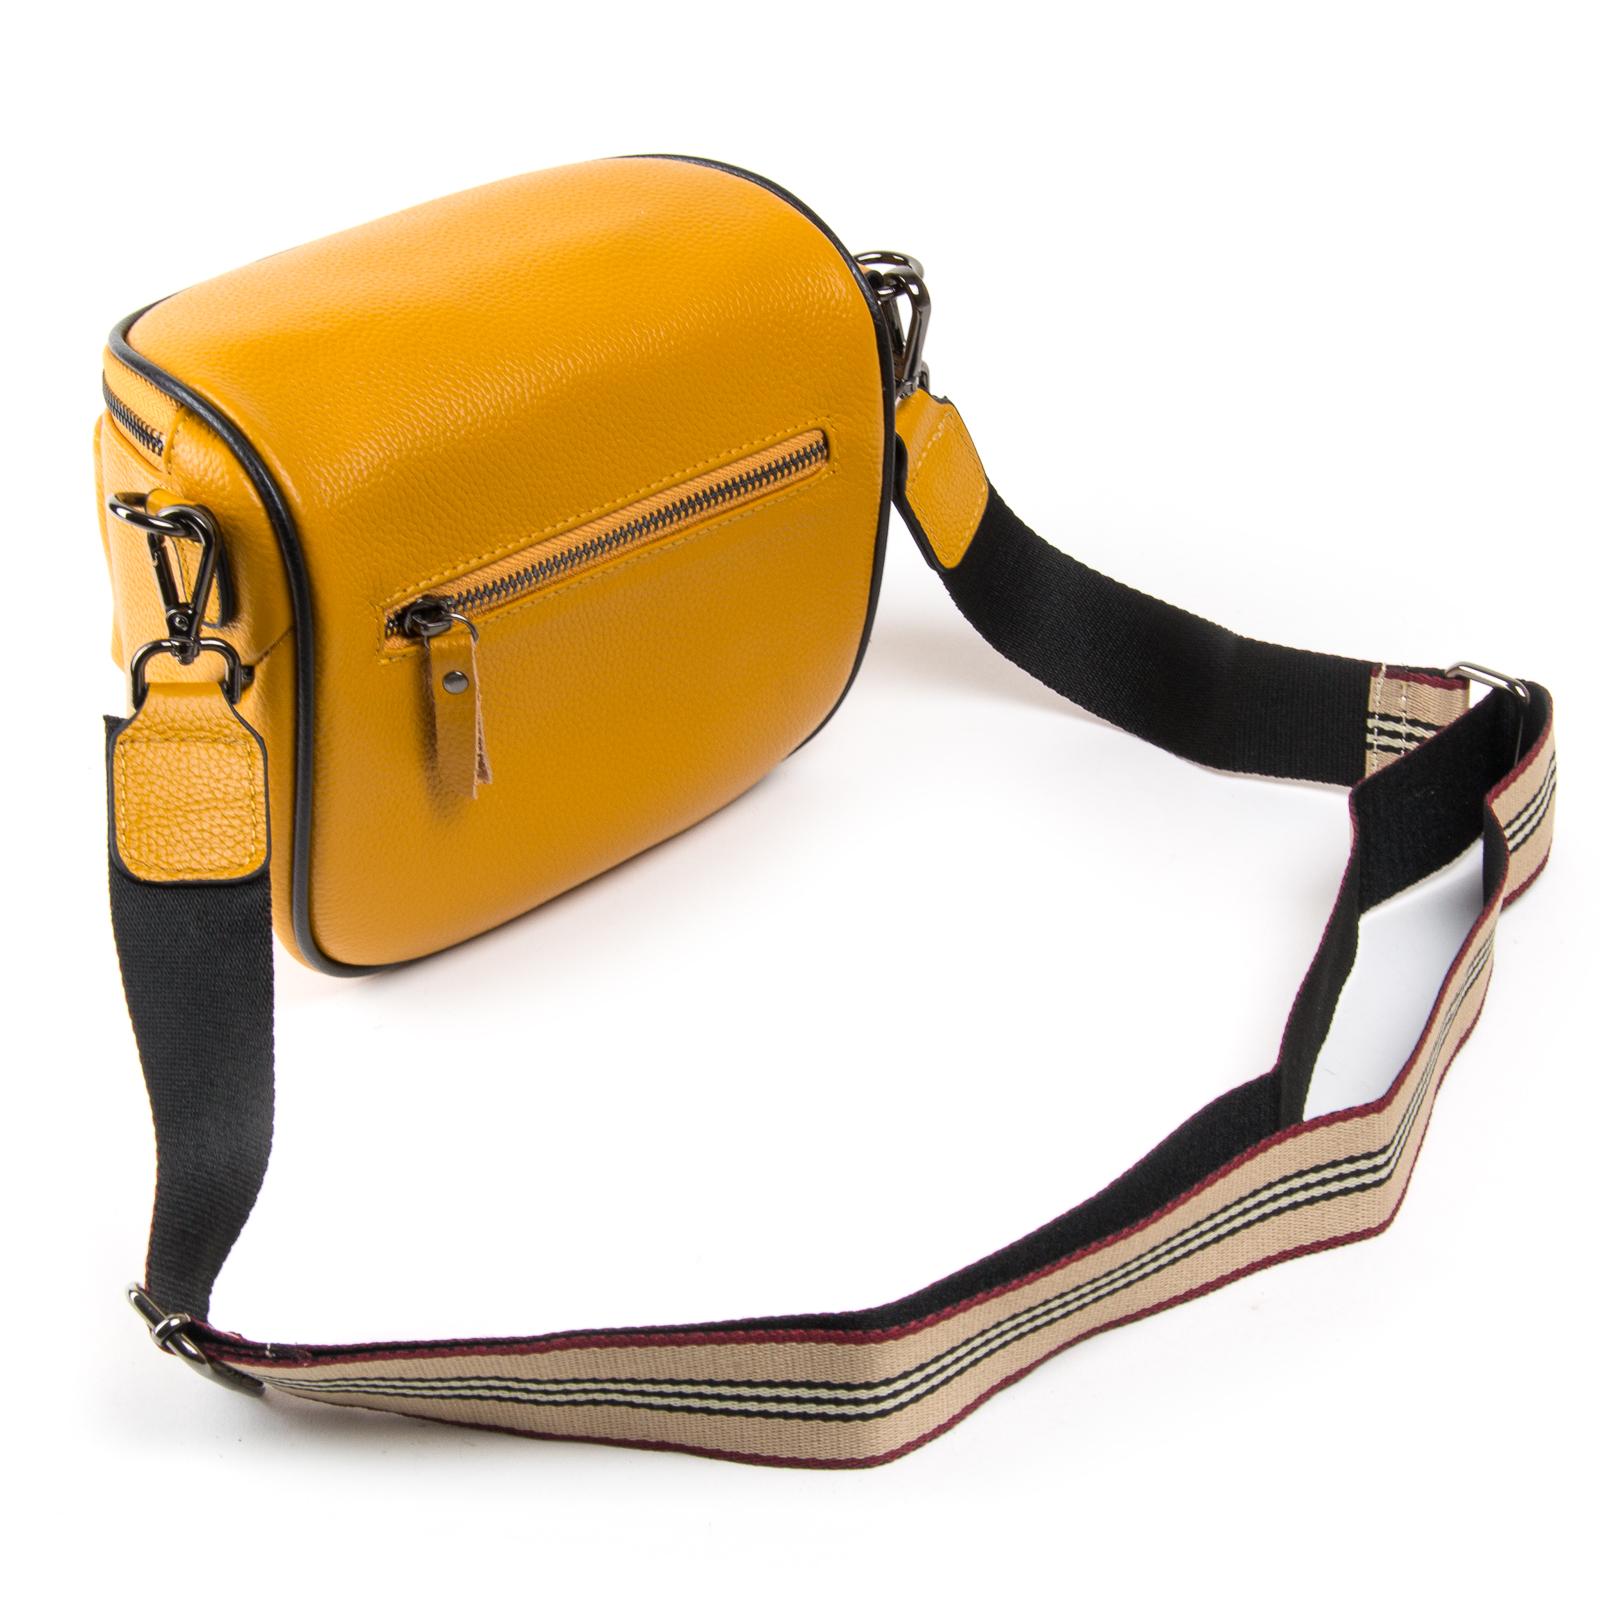 Сумка Женская Клатч кожа ALEX RAI 1-02 39031-9 yellow - фото 3